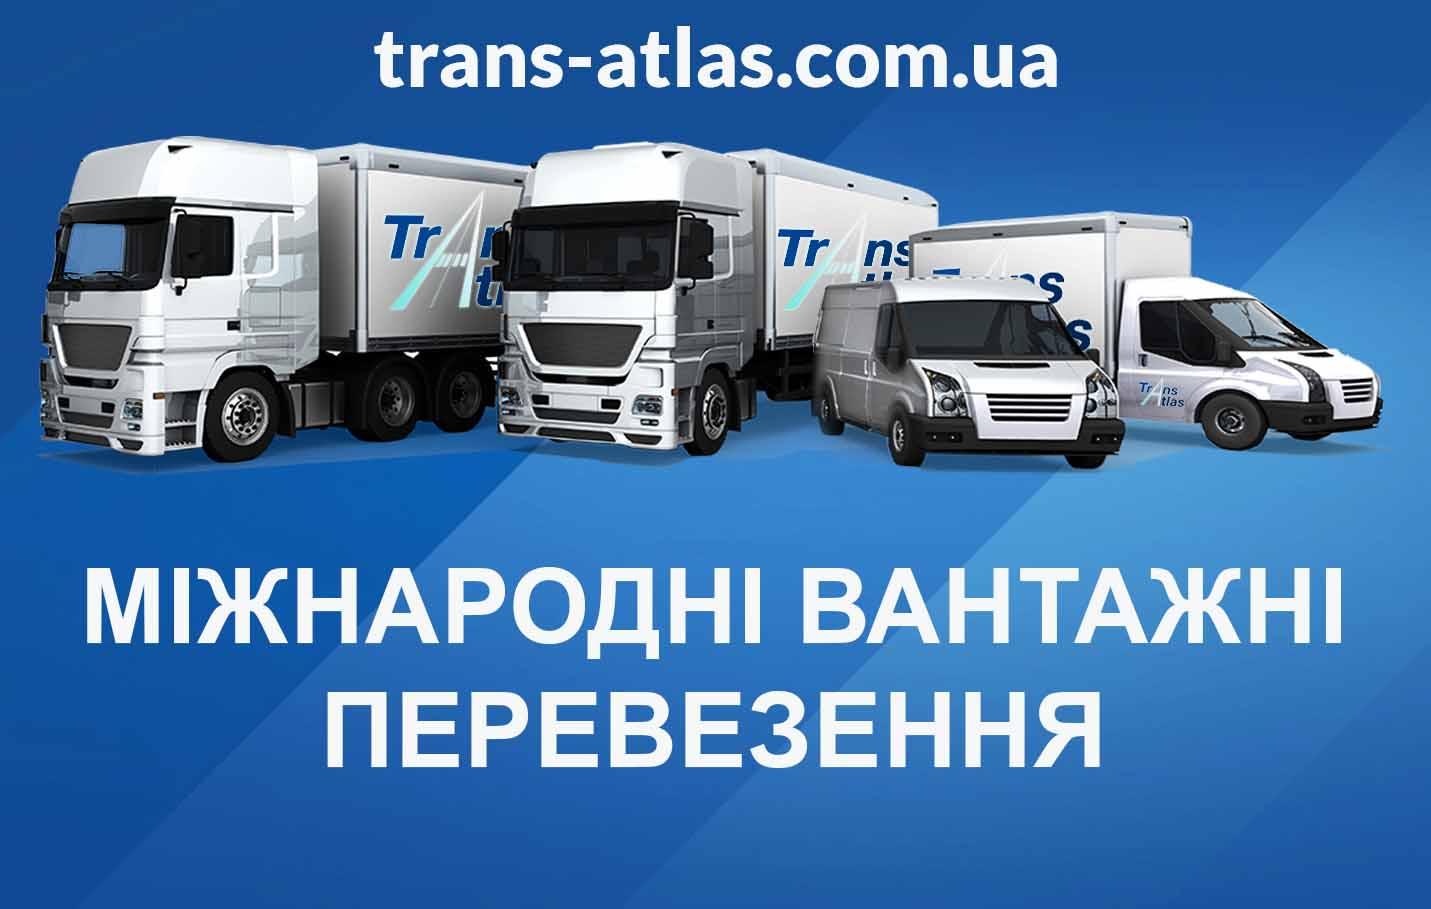 Trans-Atlas - international cargo transportation